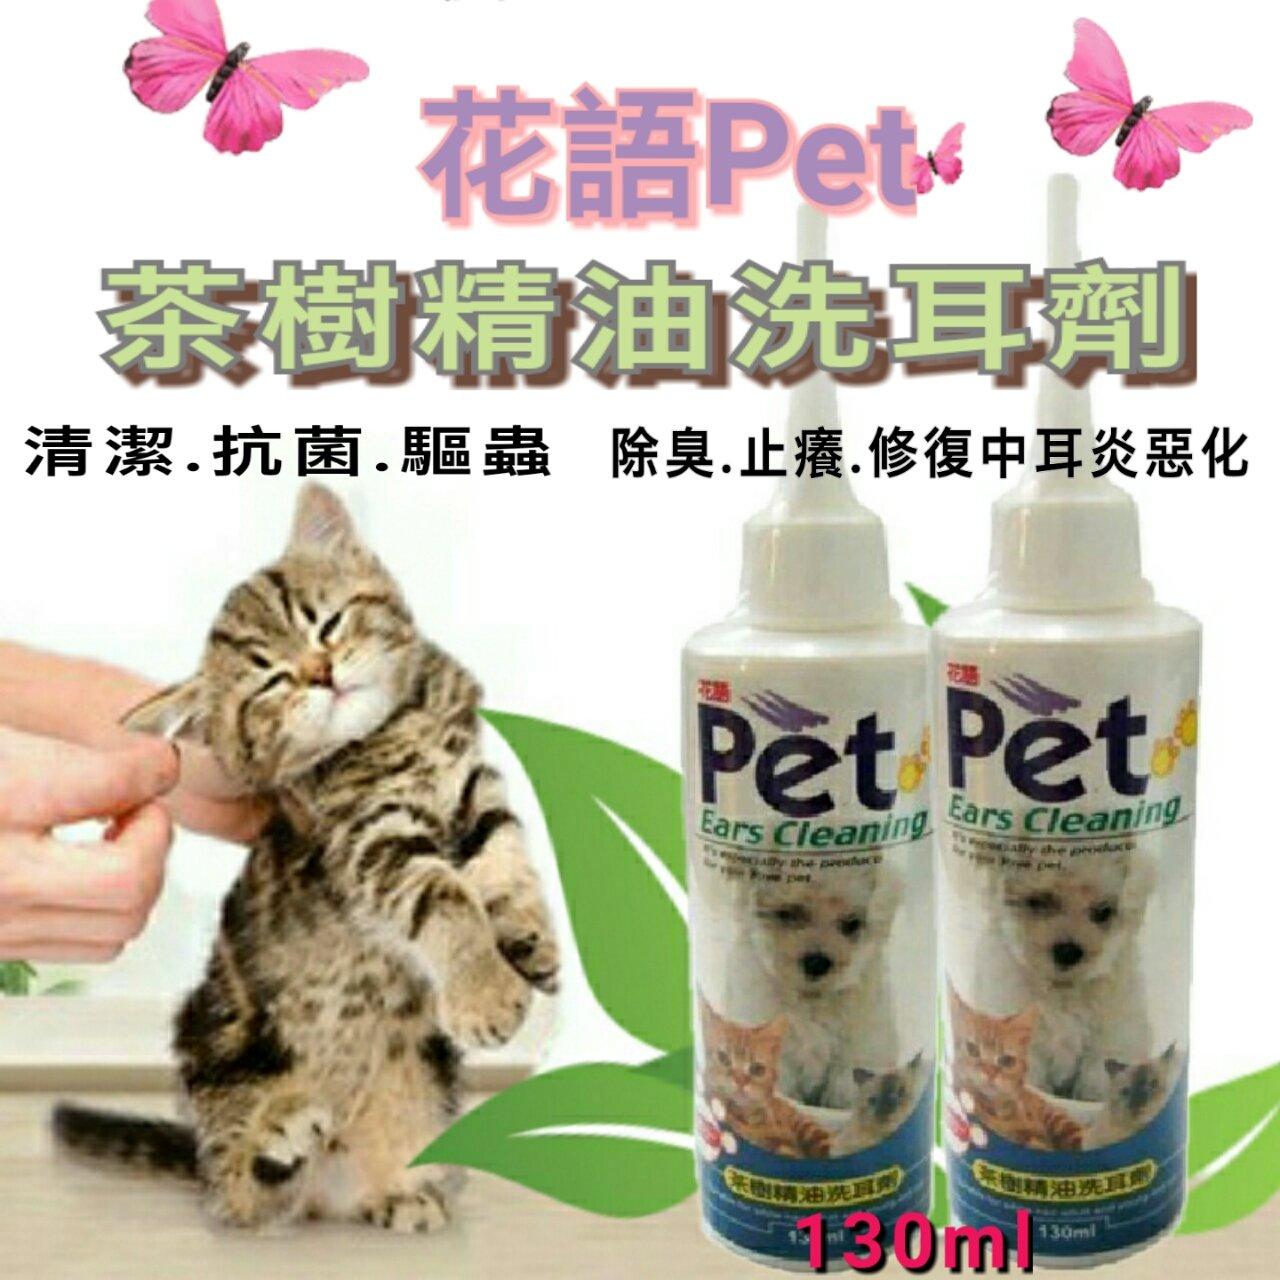 花語 PET 三效合一 茶樹精油洗耳劑 寵物洗耳液 洗耳劑 犬貓小動物洗耳液 130ml